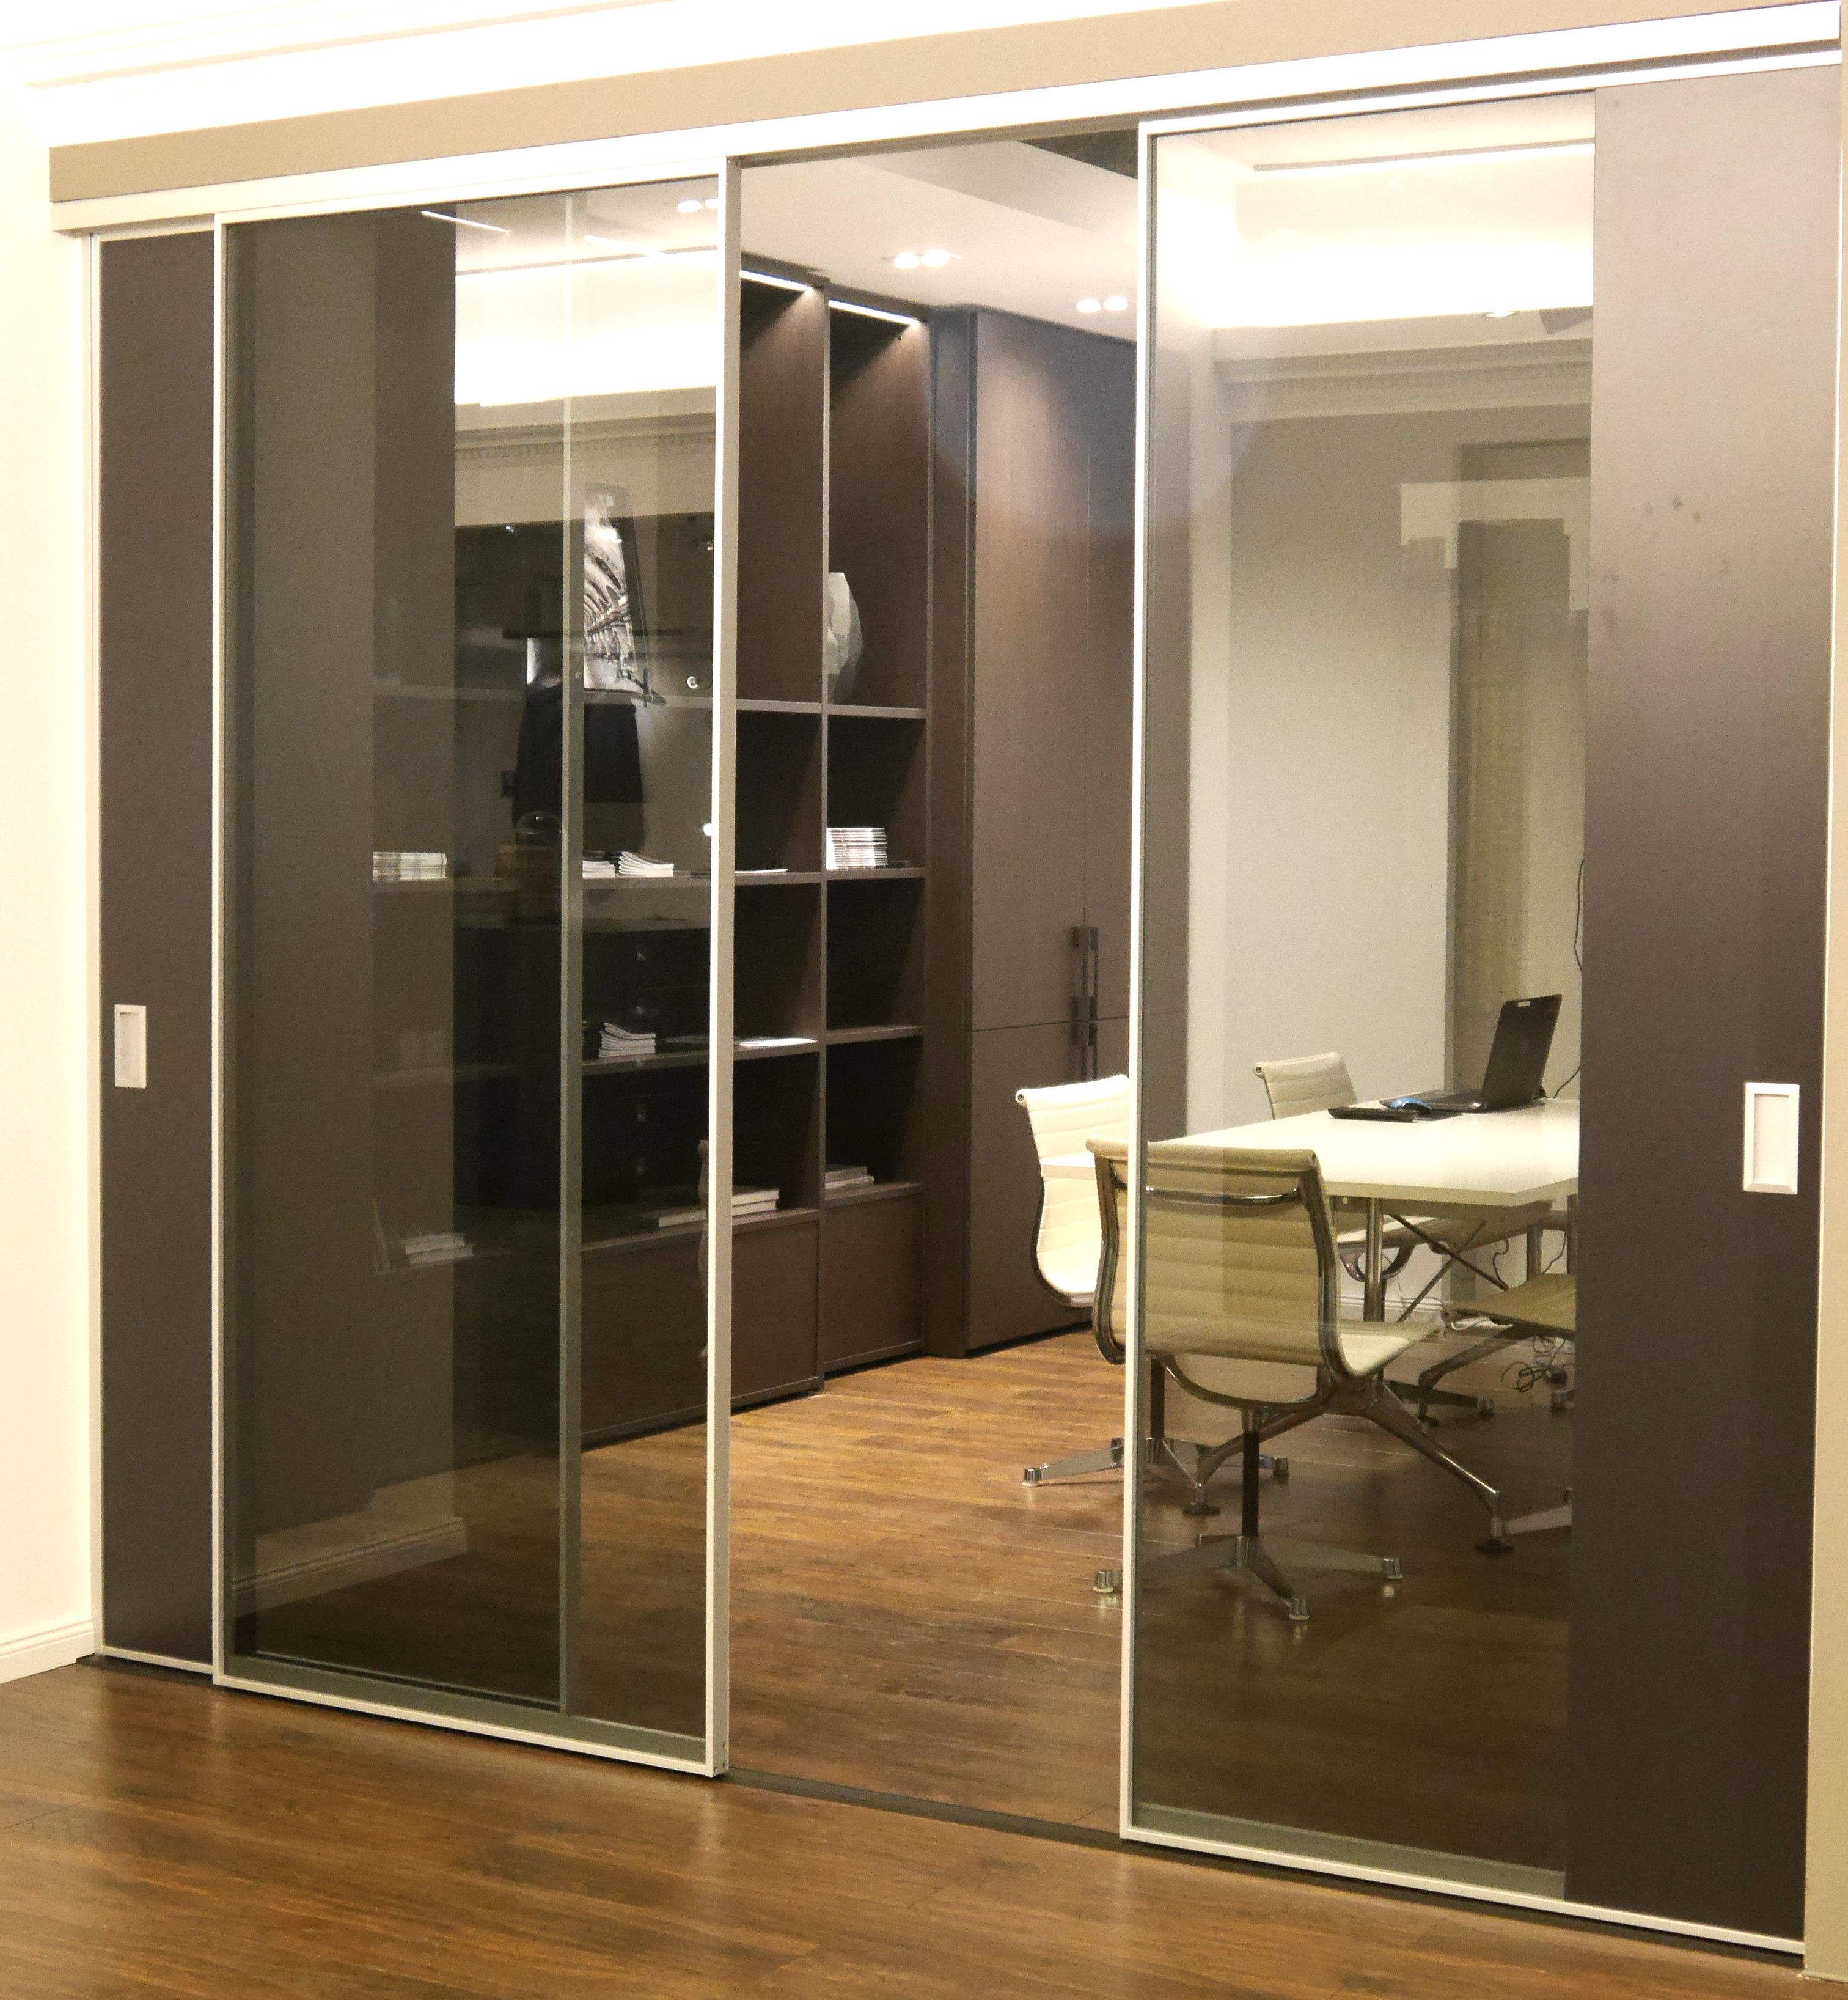 Arbeitszimmer Home Office Buro Mit Schiebetur Schiebetur Glas